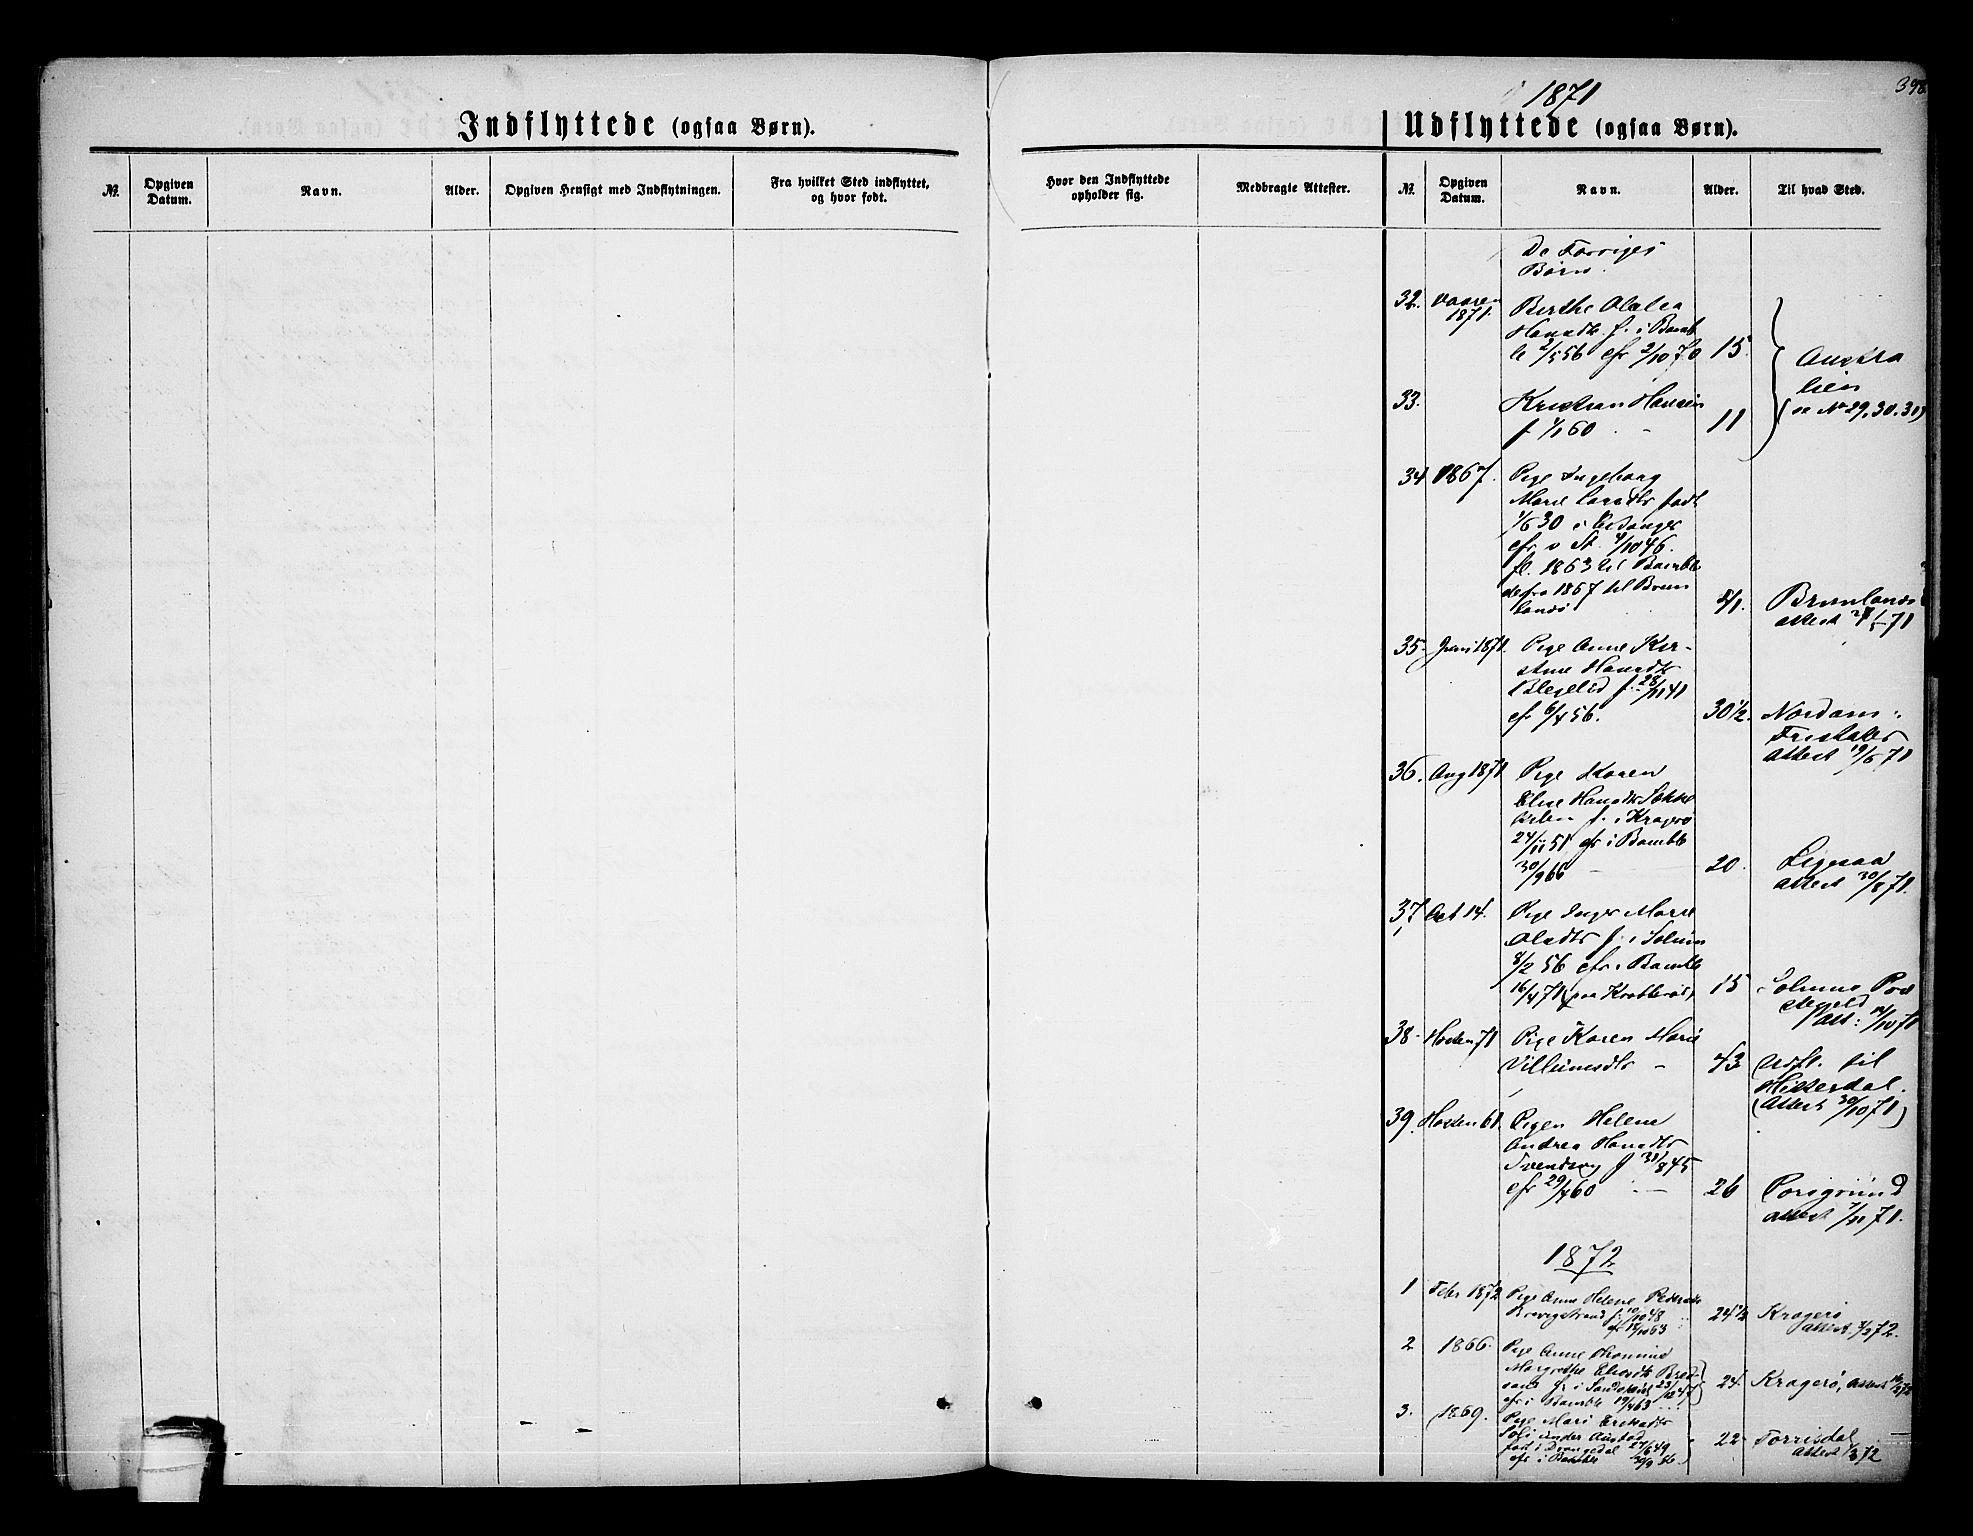 SAKO, Bamble kirkebøker, G/Ga/L0006: Klokkerbok nr. I 6, 1860-1876, s. 398